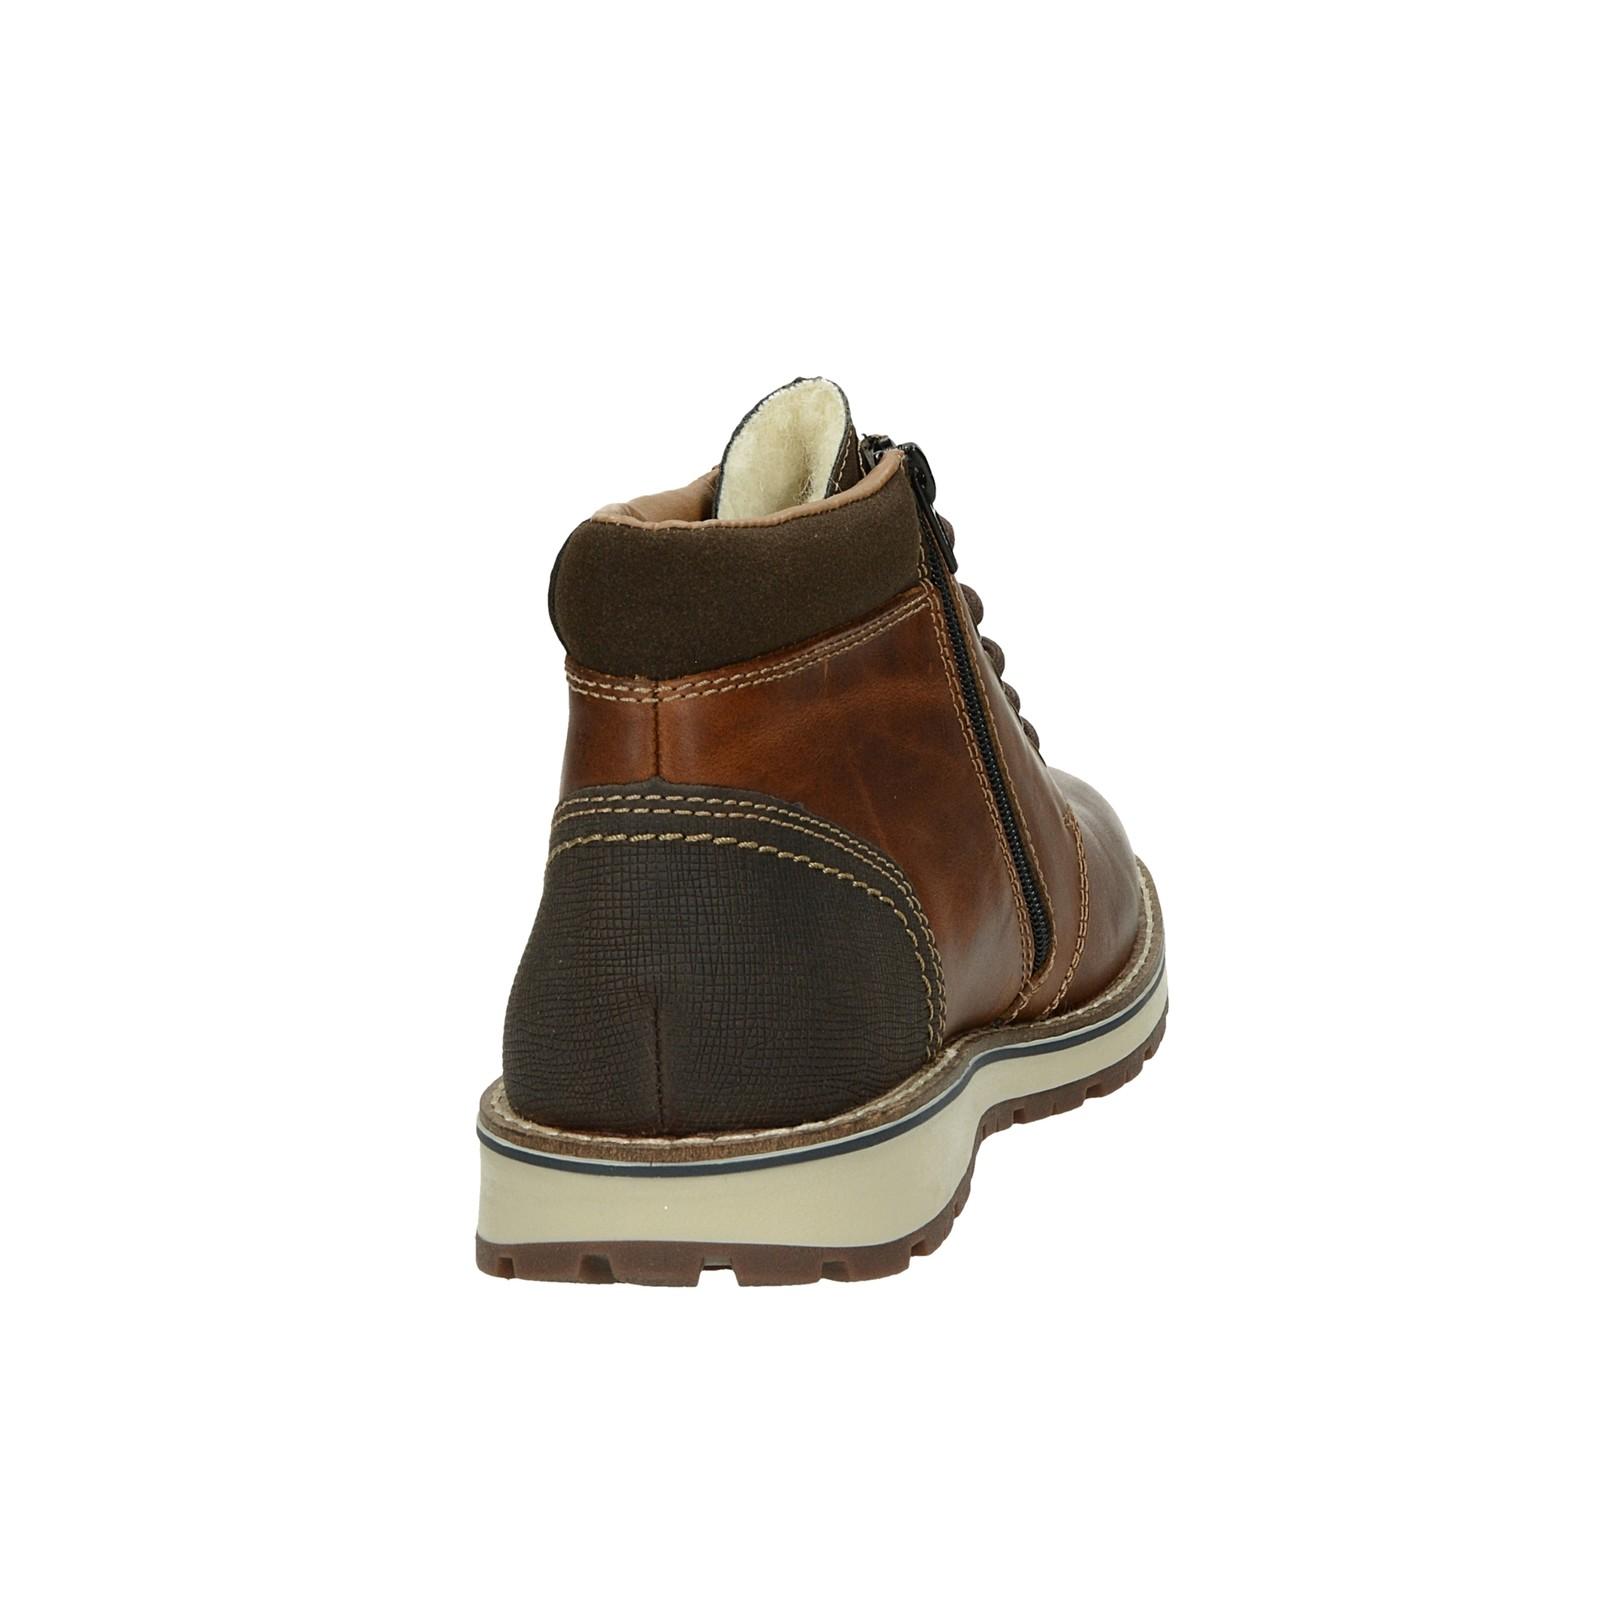 Rieker pánska kožená zateplená členková obuv - hnedá